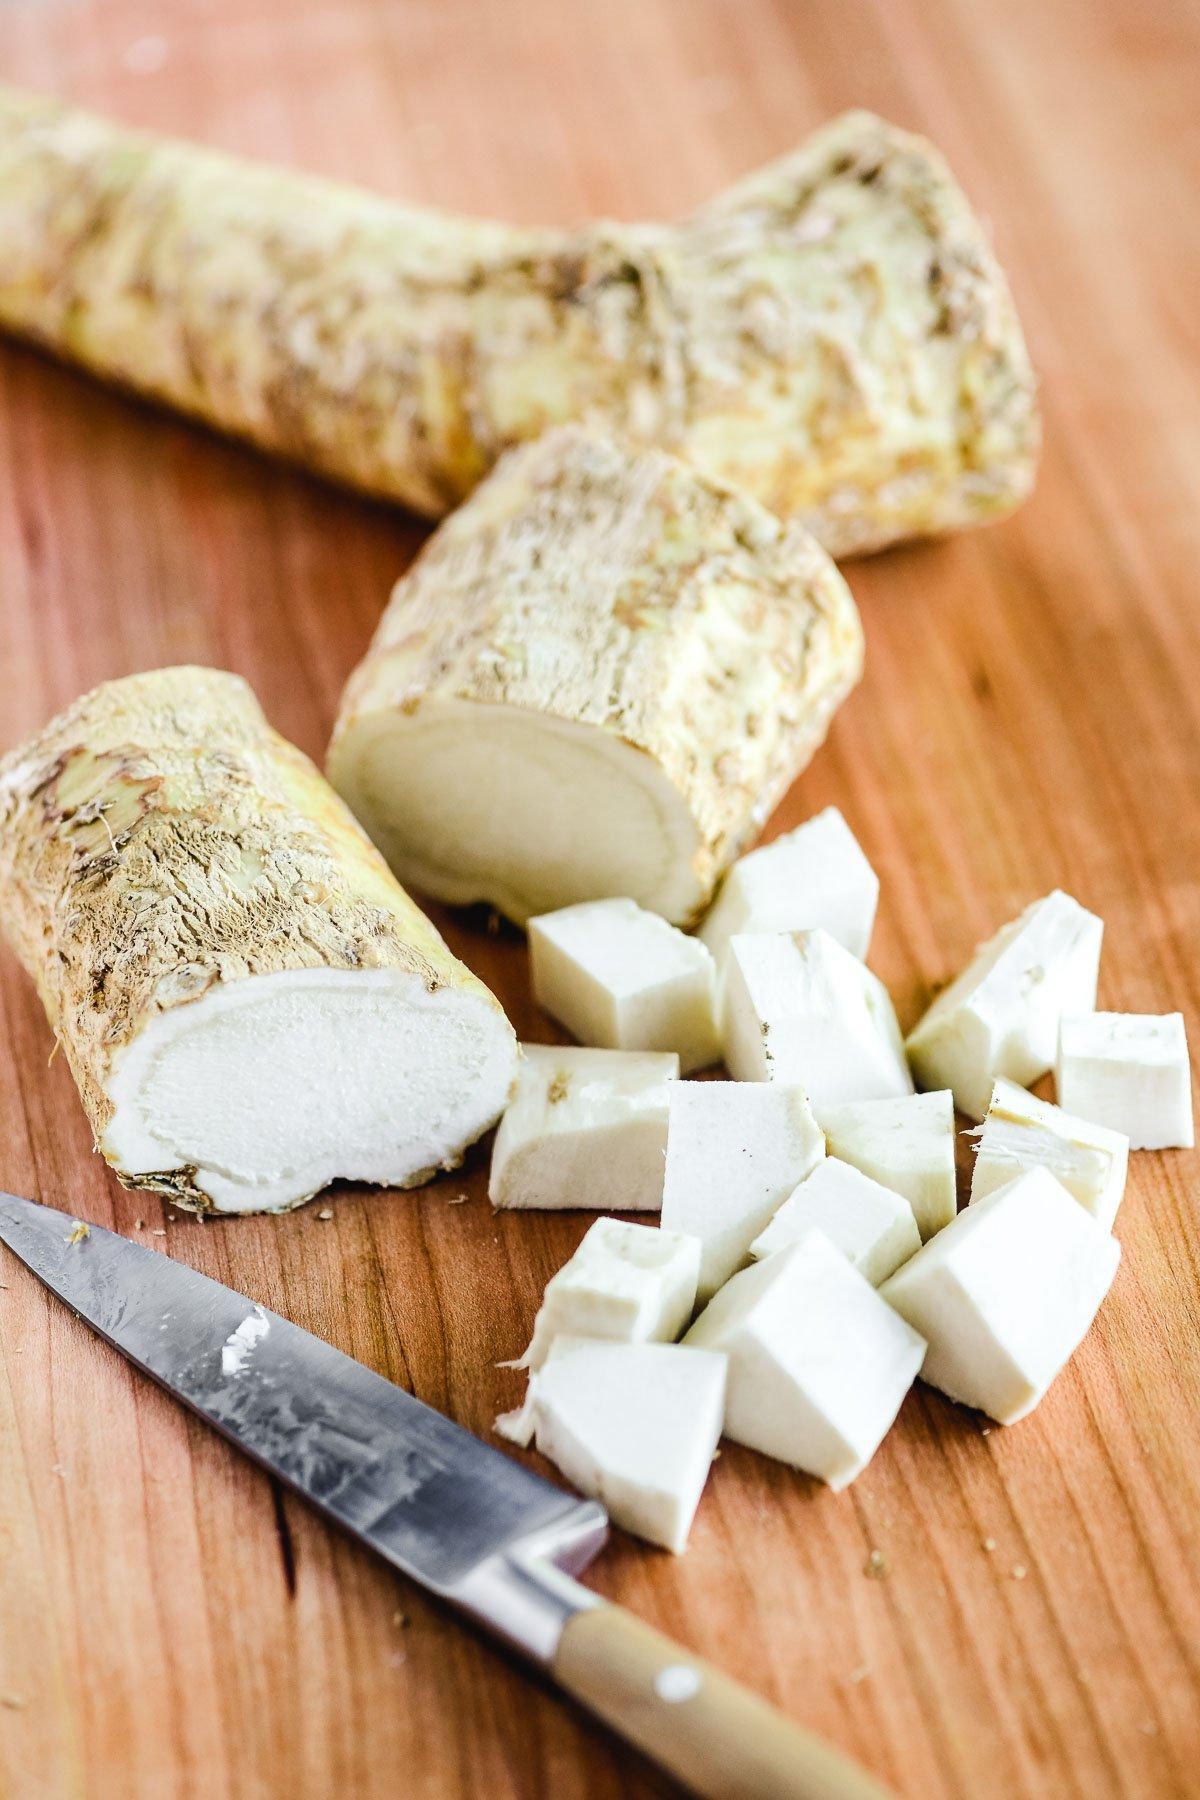 Chopping horseradish root